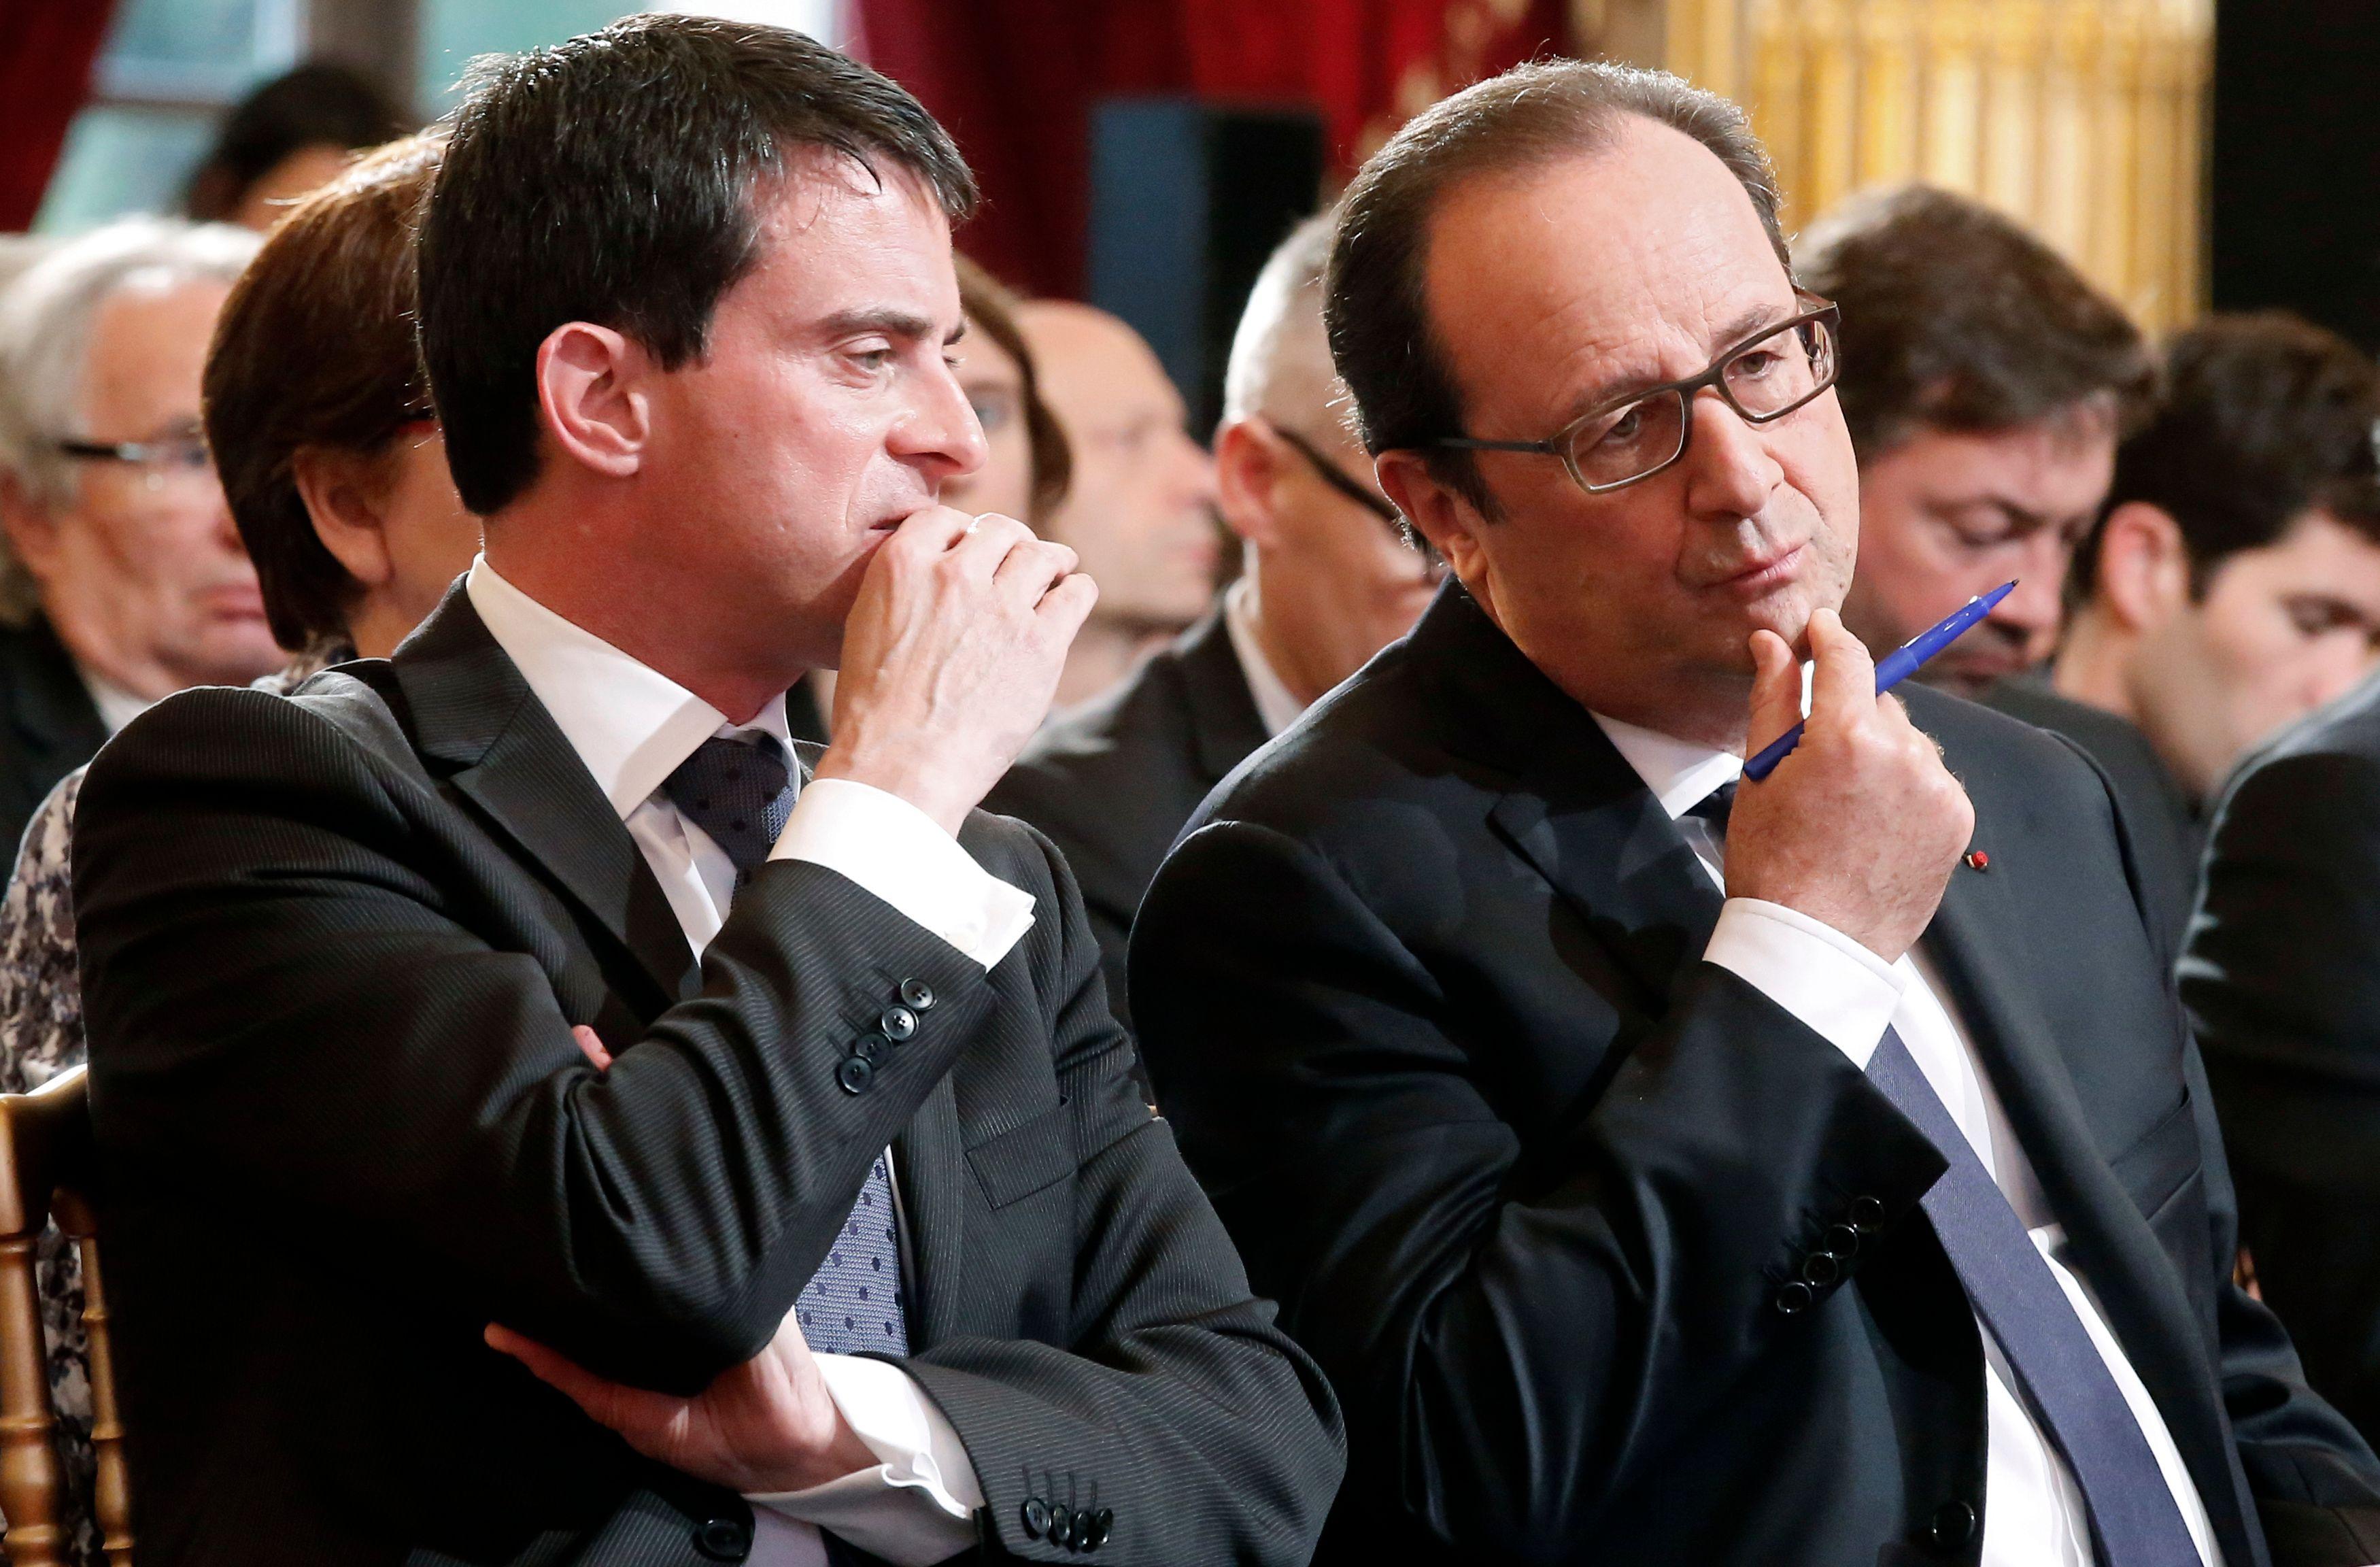 François Hollande et Manuel Valls partent à la reconquête de leur électorat.